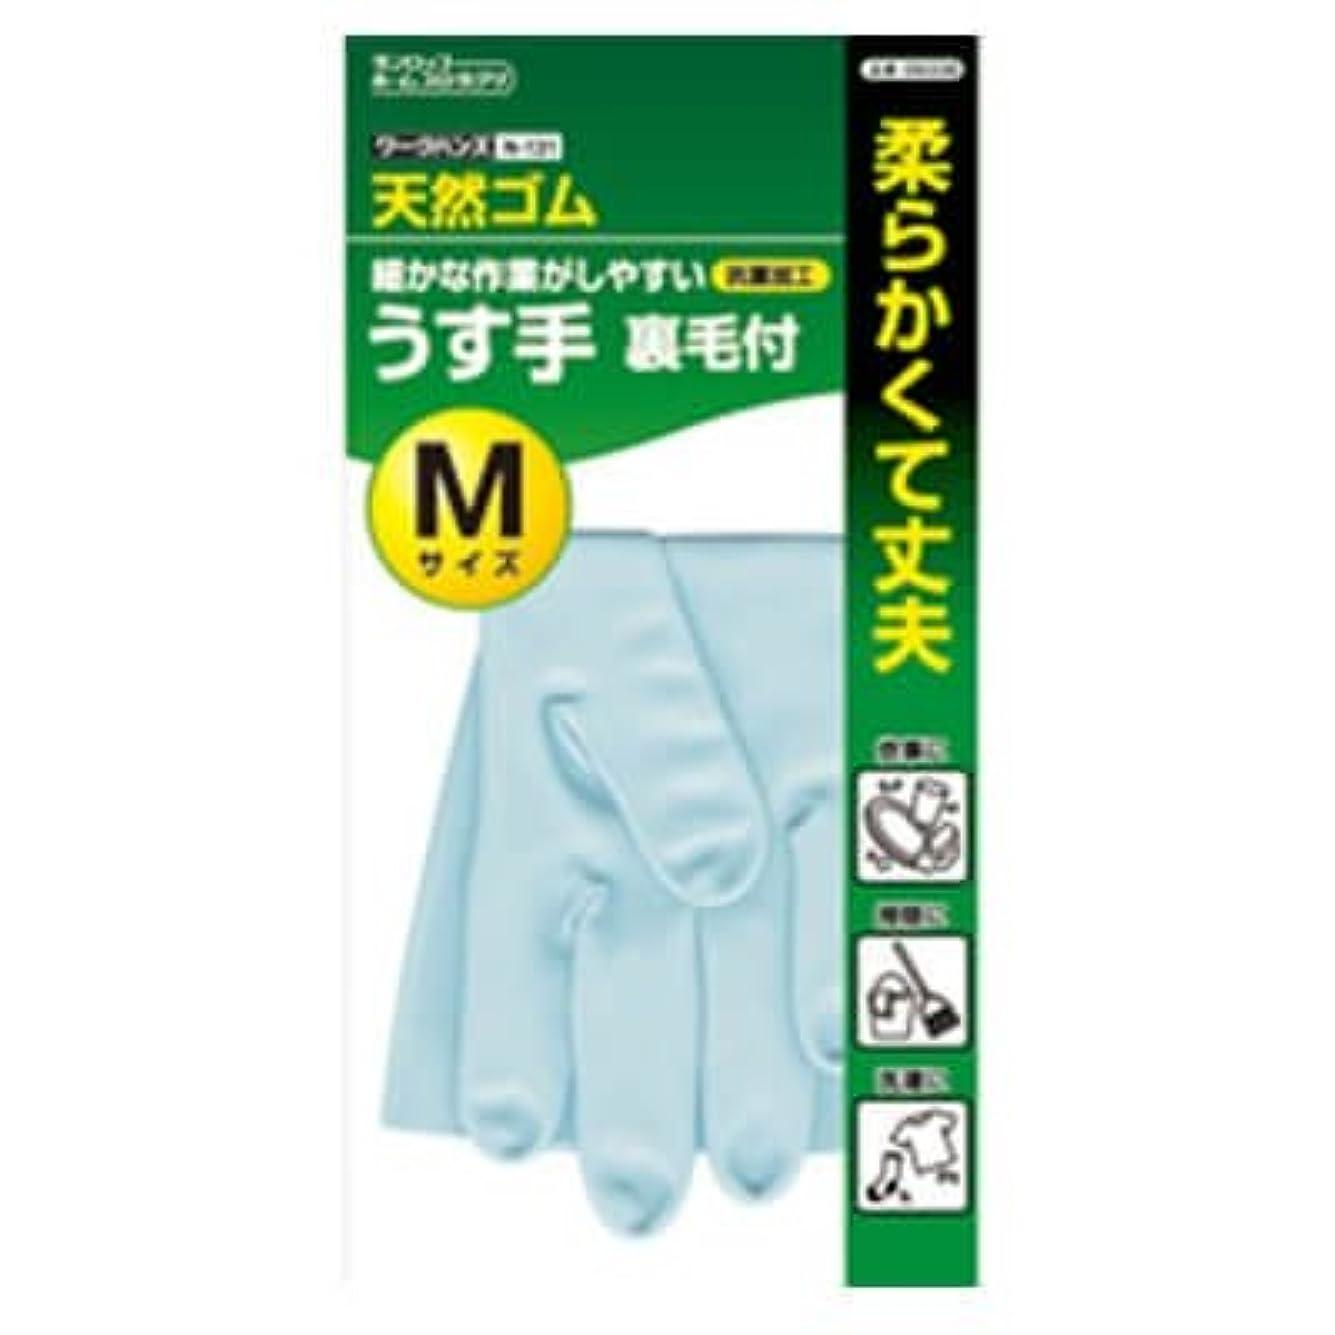 【ケース販売】 ダンロップ ワークハンズ N-131 天然ゴムうす手 M ブルー (10双×24袋)